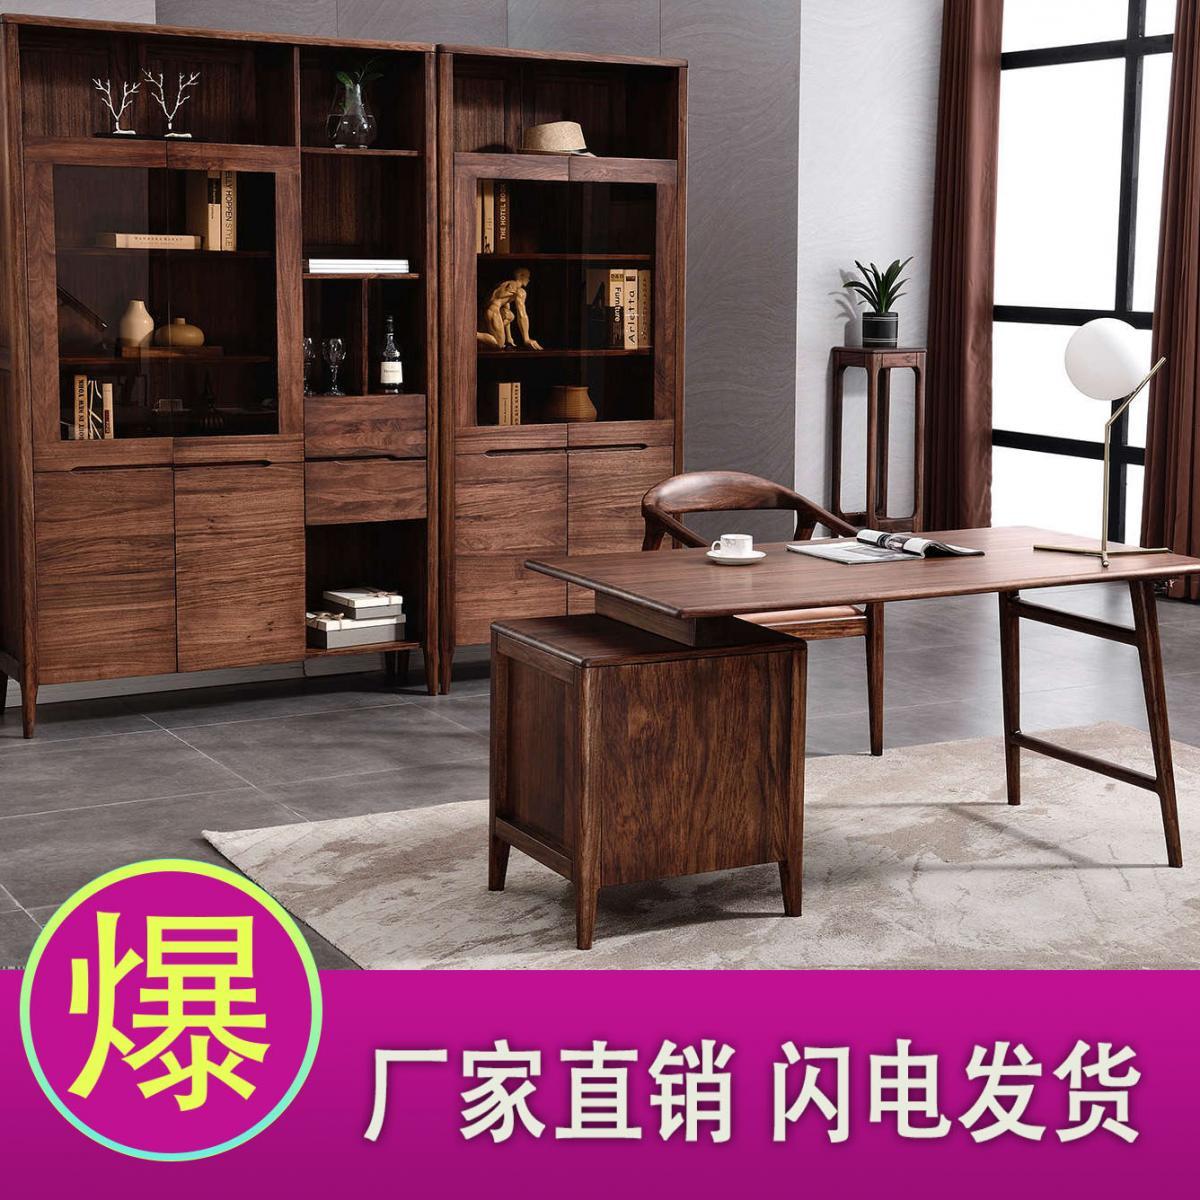 实木书柜北欧简约风格黑胡桃木书架多层带抽屉置物架组合书房家具